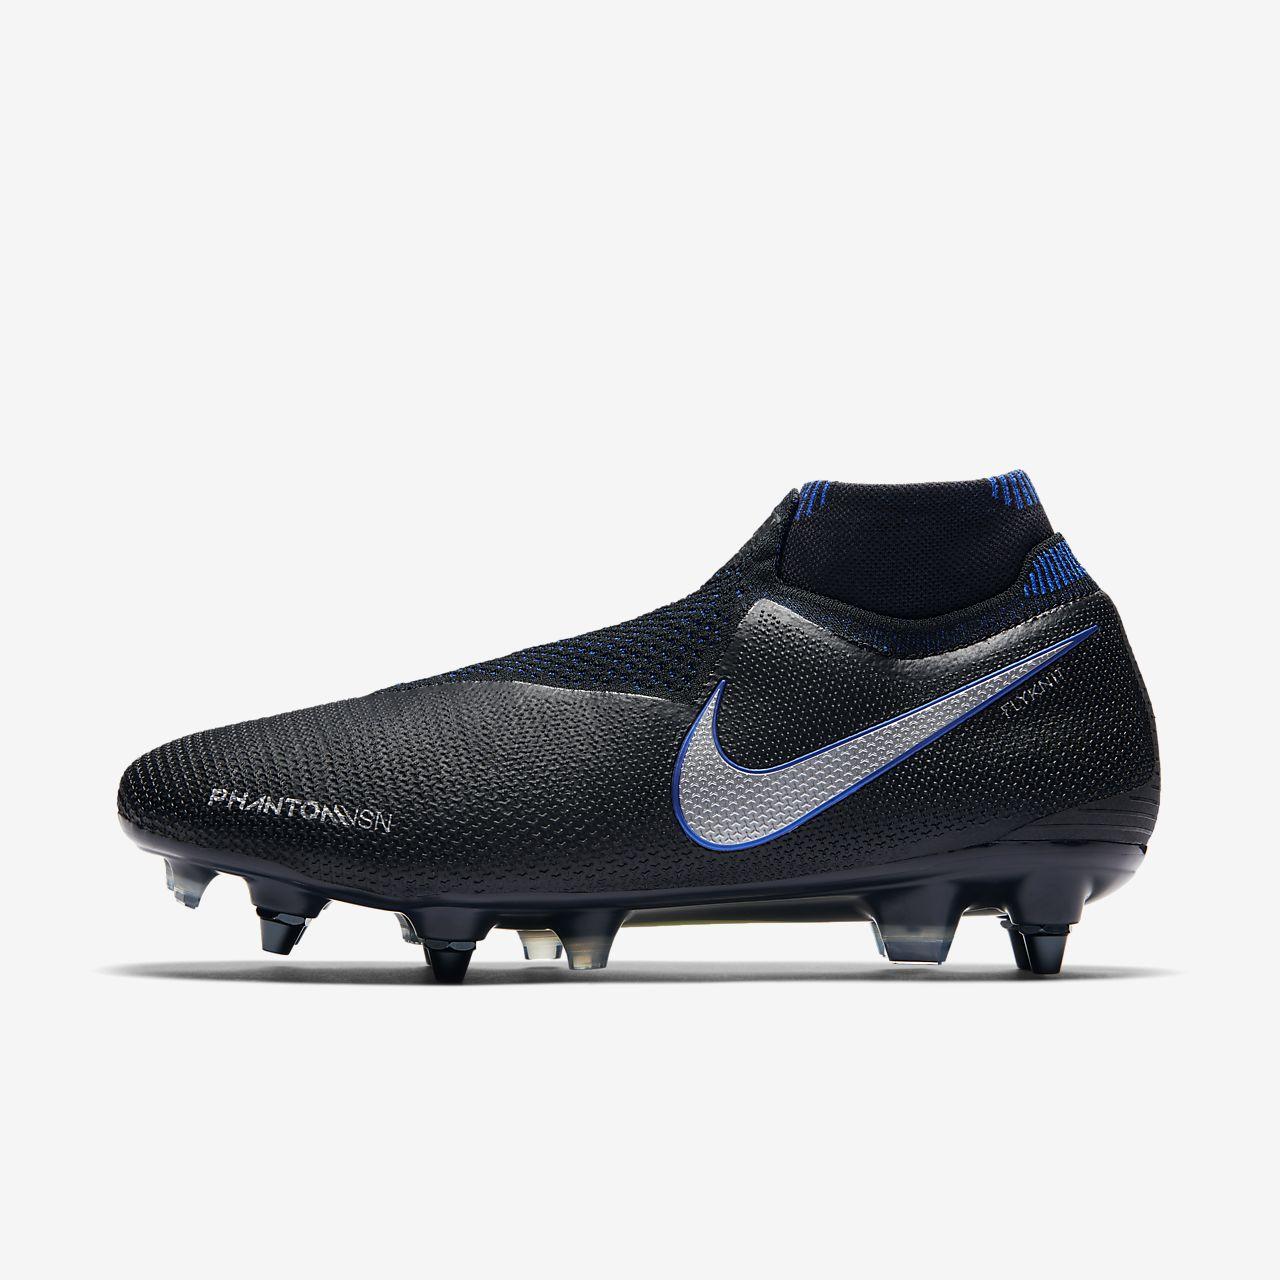 Ποδοσφαιρικό παπούτσι Nike Phantom Vision Elite Dynamic Fit Anti-Clog SG-PRO